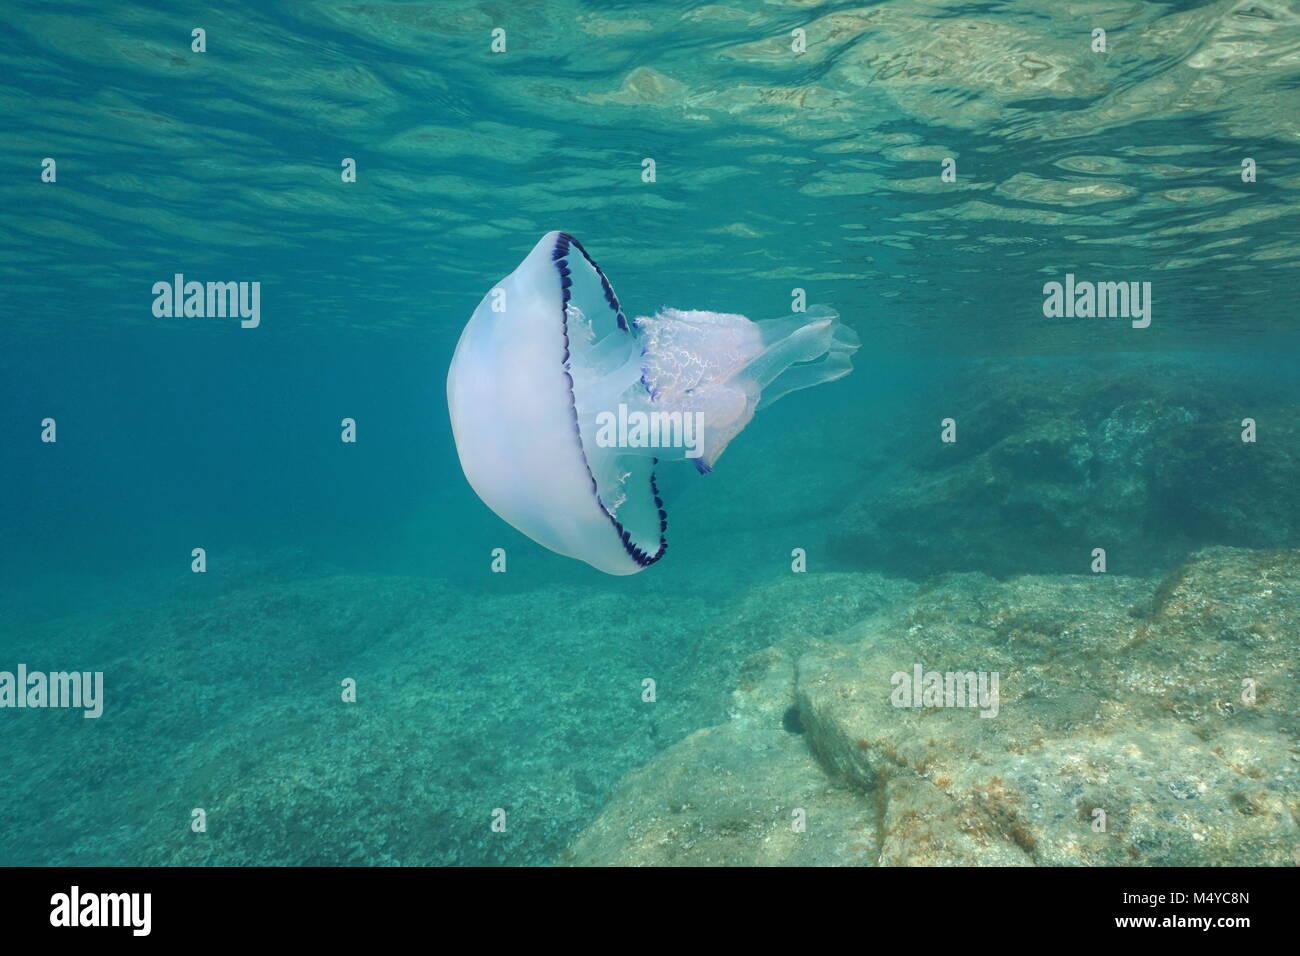 Underwater a barrel jellyfish, Rhizostoma pulmo, in the Mediterranean sea, Catalonia, Costa Brava, Cap de Creus, - Stock Image